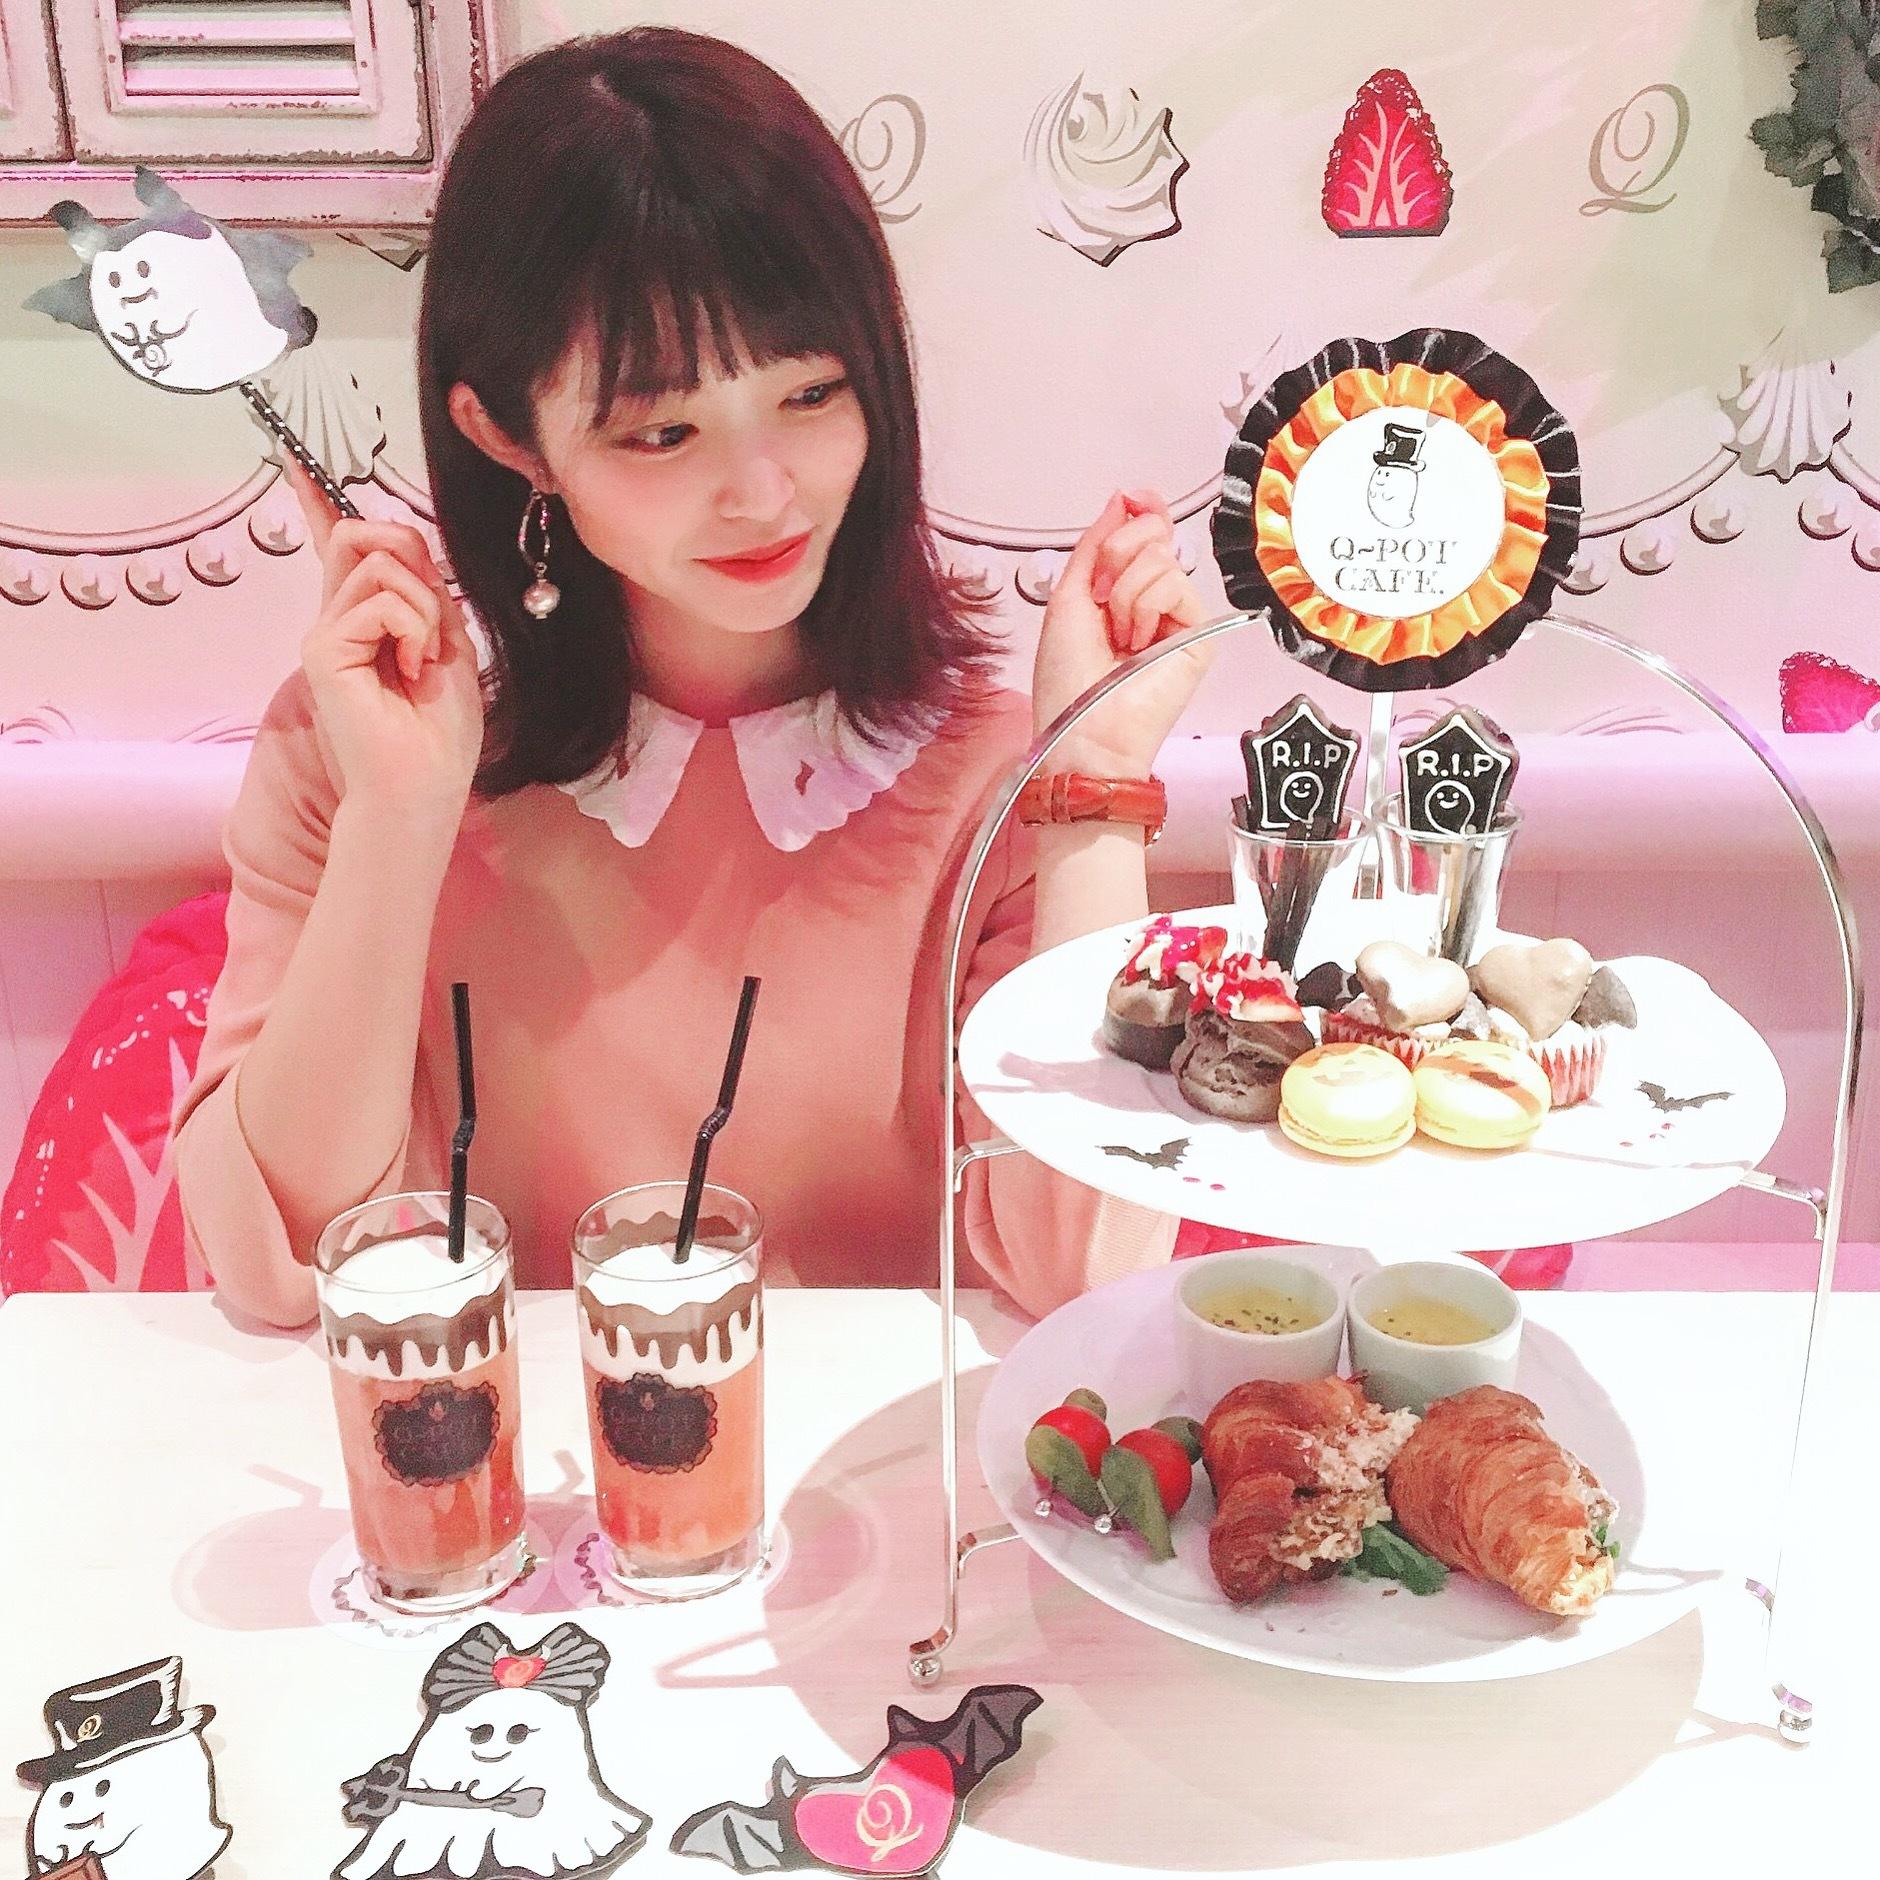 【ハロウィン限定❤︎】Q-potカフェのアフタヌーンティー_1_5